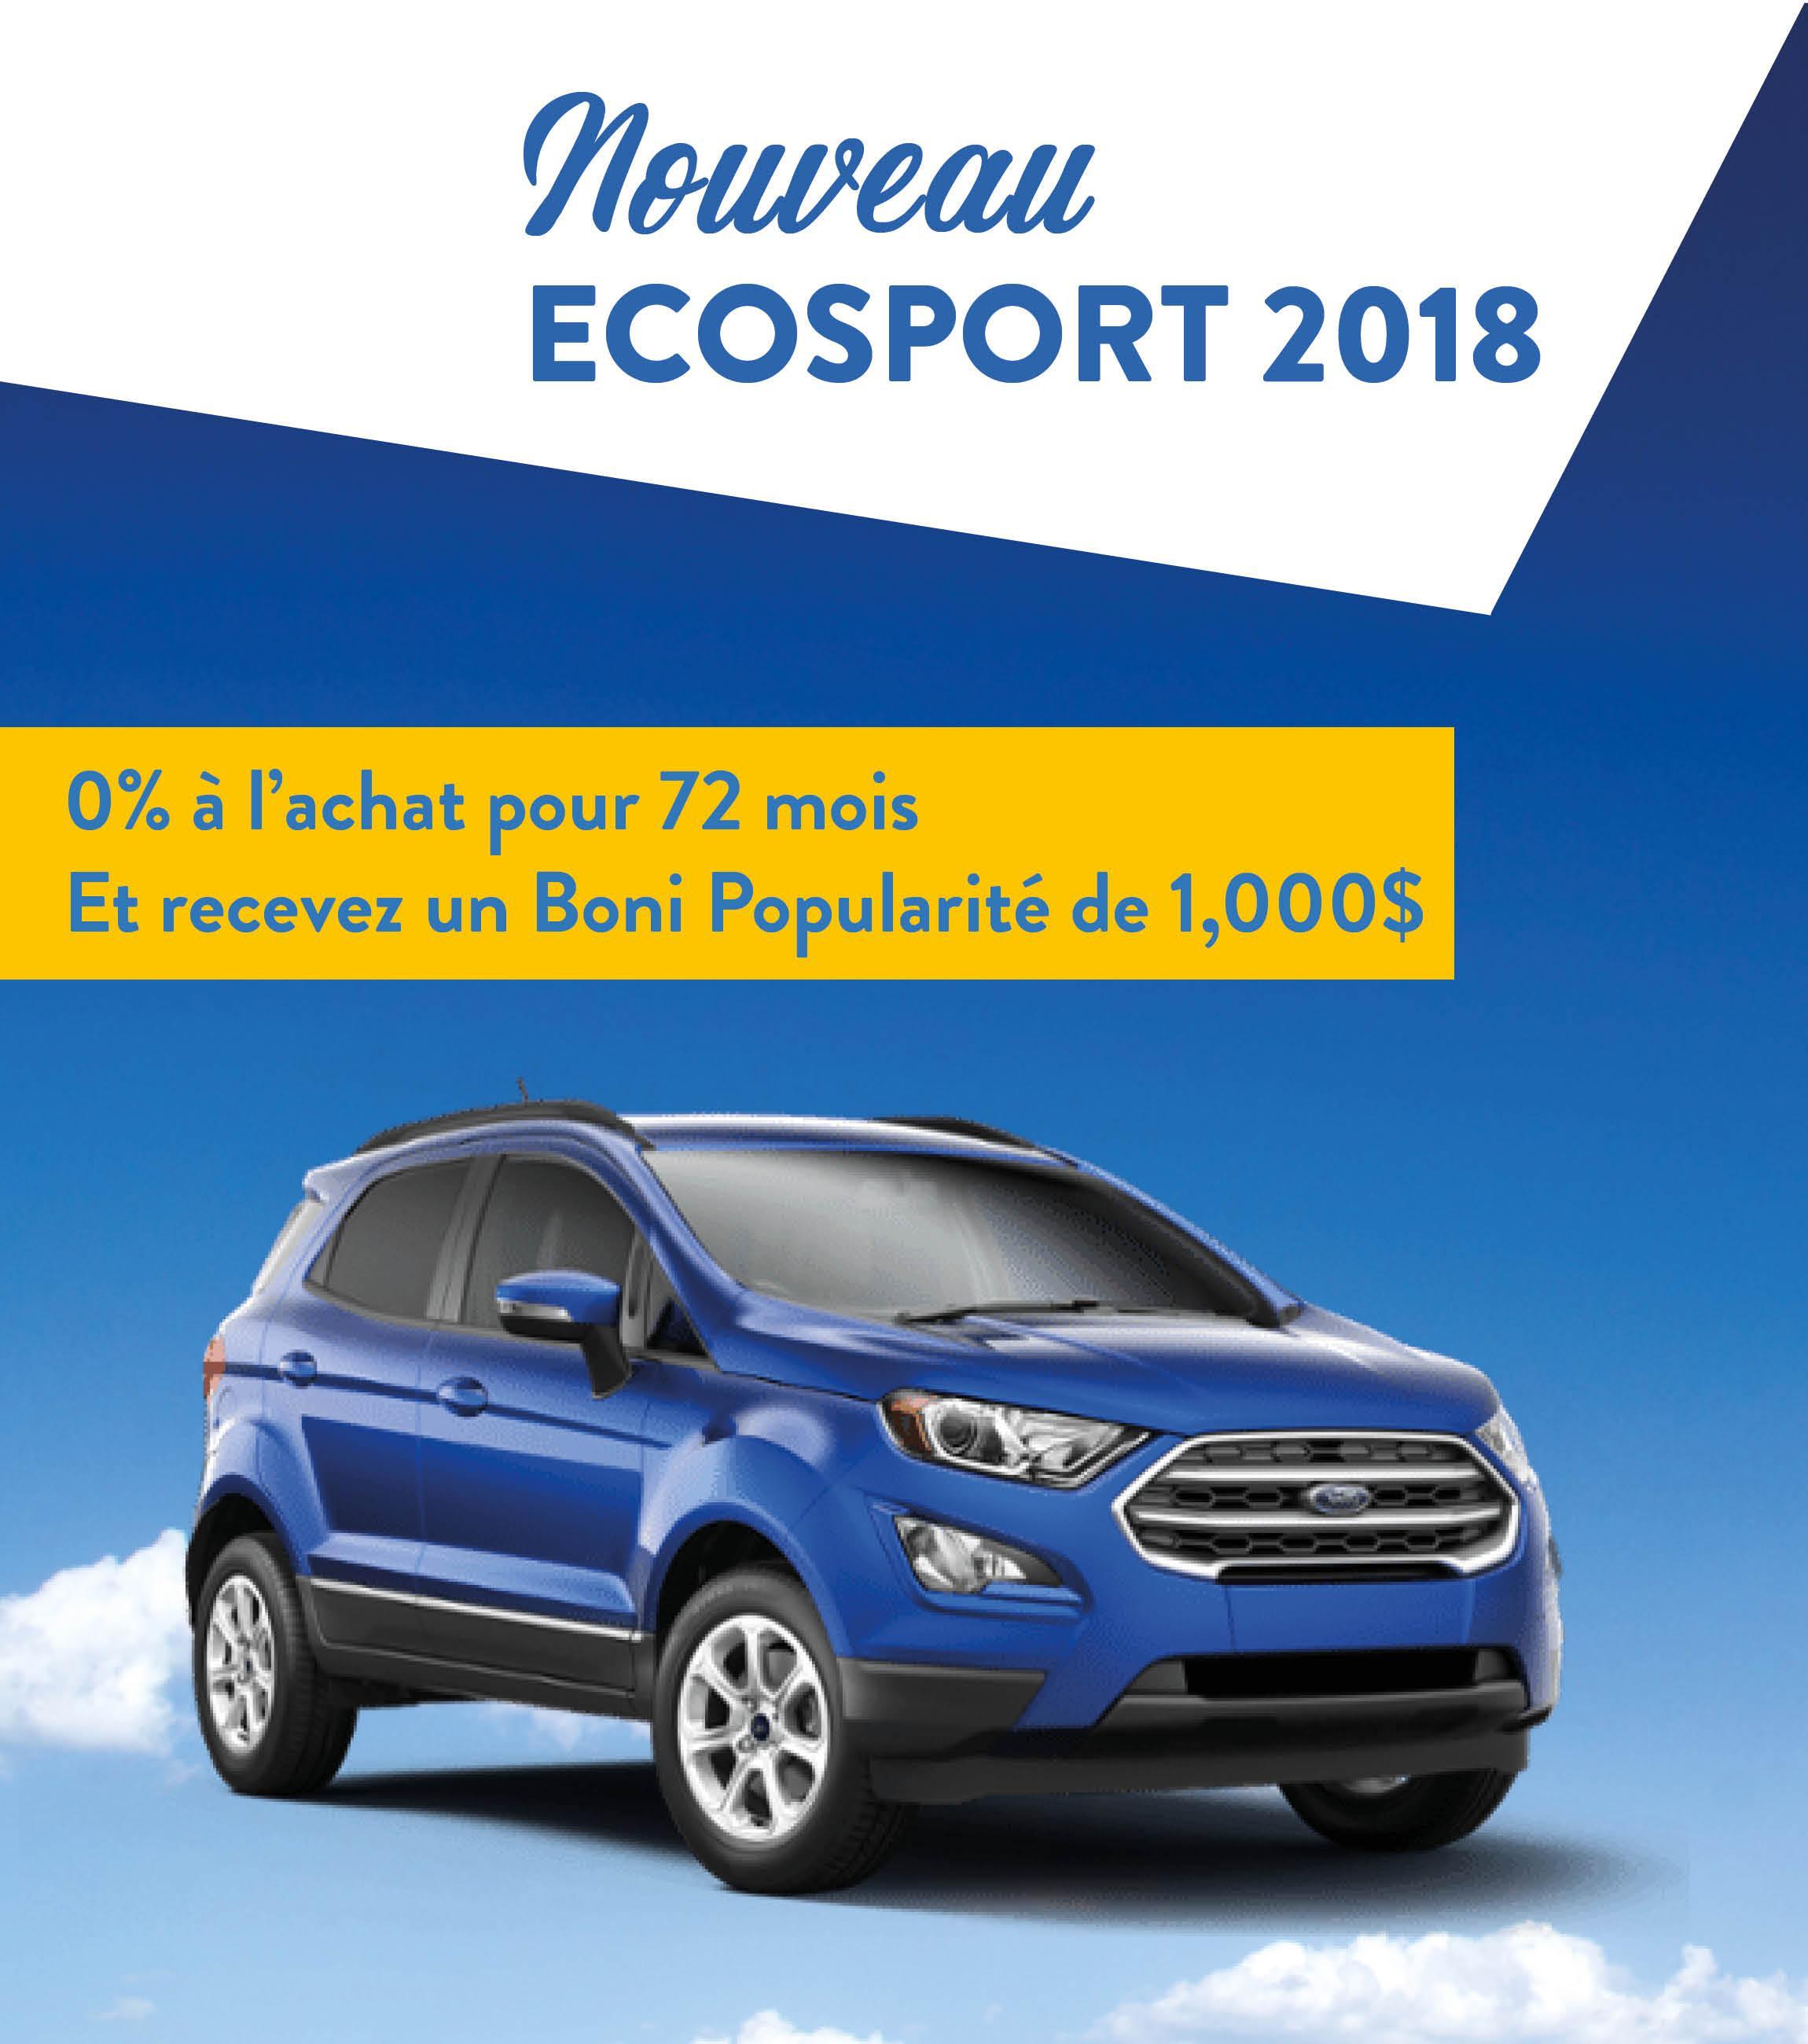 Nouveau Ecosport